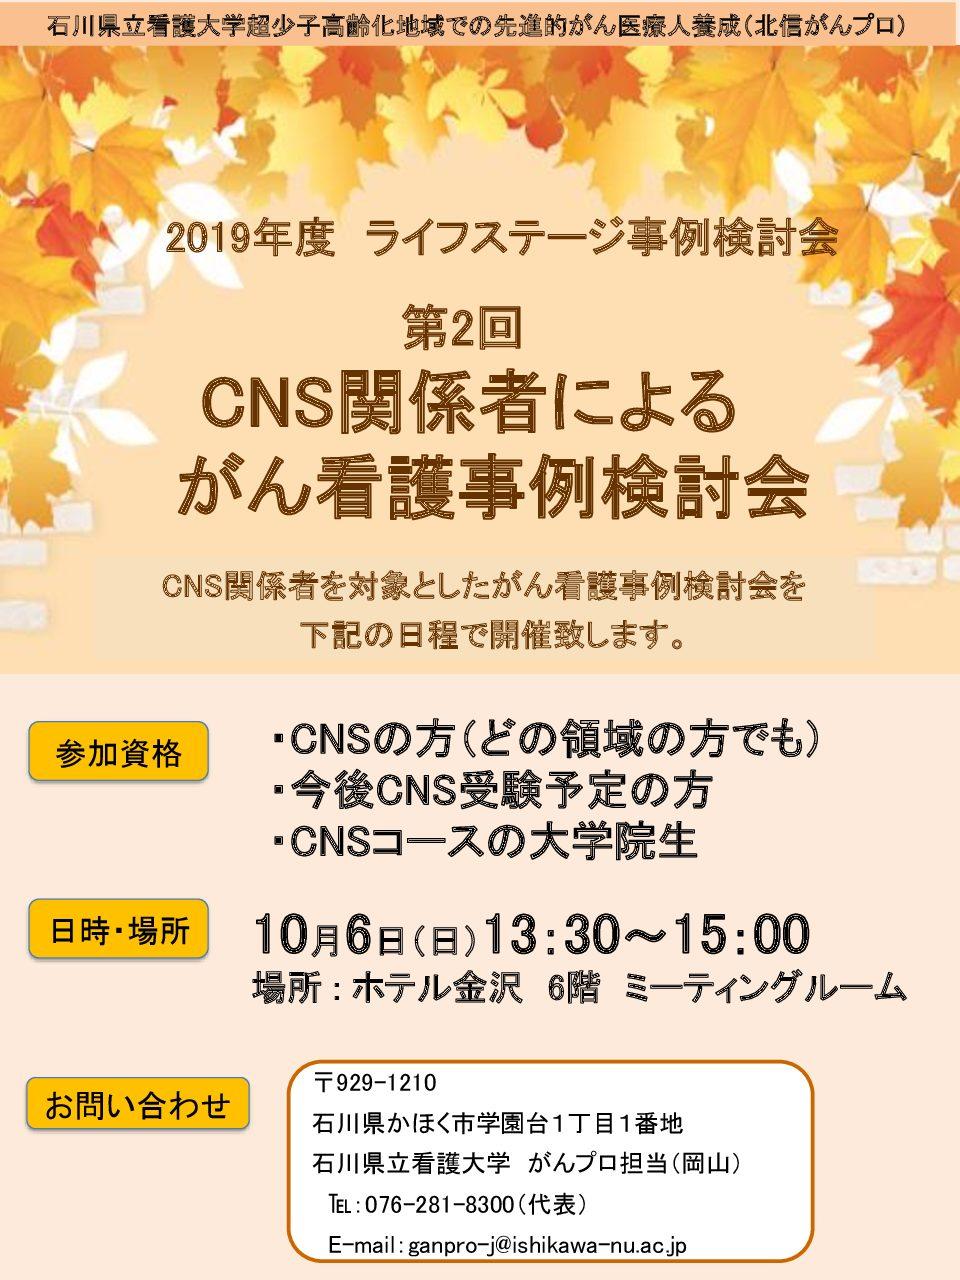 2019年度「CNS関係者によるがん看護事例検討会」